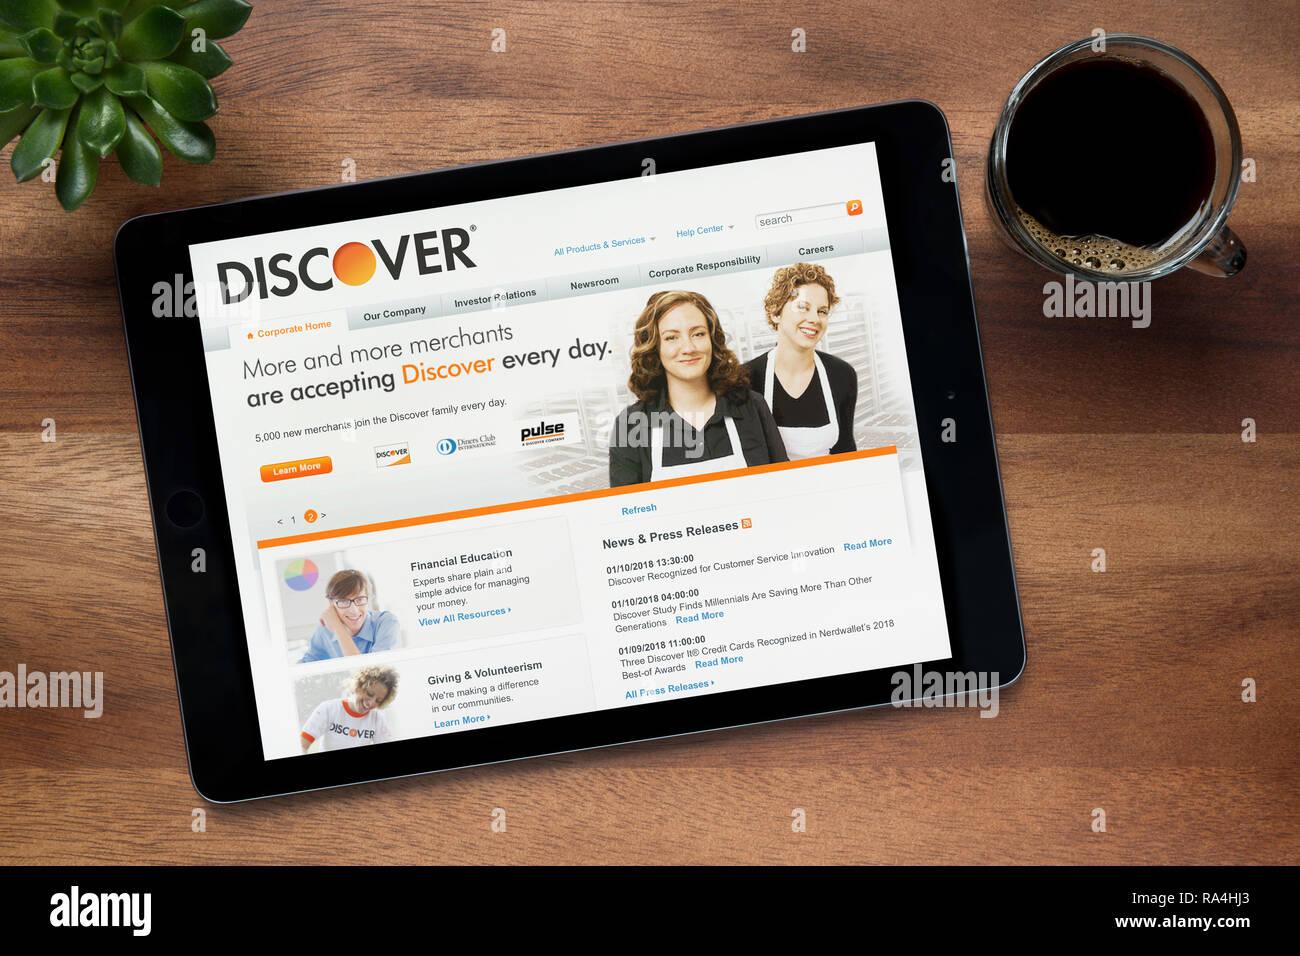 Le site internet de Discover.com est vu sur un iPad tablet, sur une table en bois avec une machine à expresso et d'une plante (usage éditorial uniquement). Photo Stock